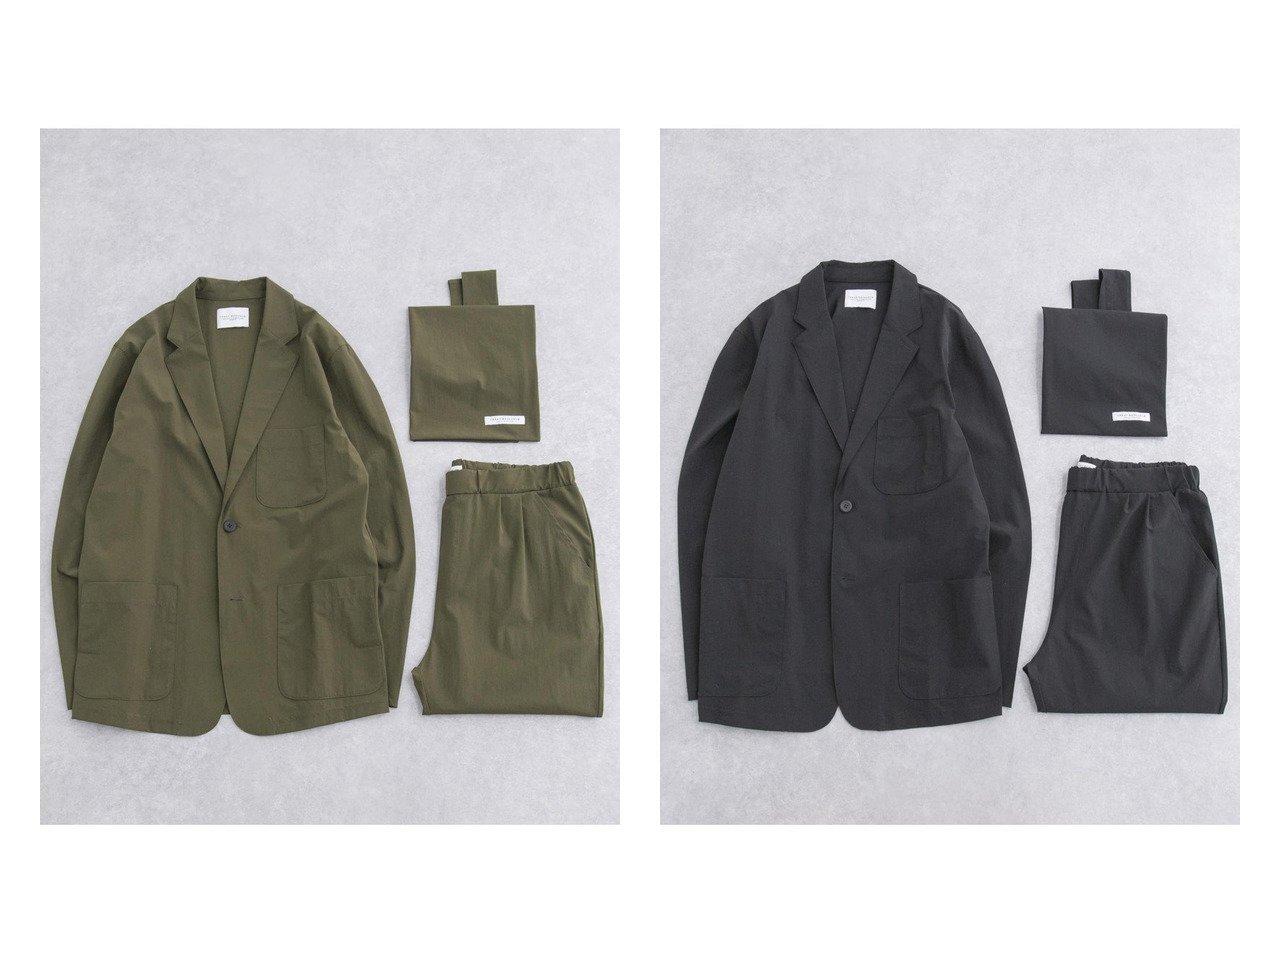 【URBAN RESEARCH / MEN/アーバンリサーチ】の360°STRETCH SET UP PACK 【MEN】おすすめ!人気トレンド・男性、メンズファッションの通販 おすすめで人気の流行・トレンド、ファッションの通販商品 メンズファッション・キッズファッション・インテリア・家具・レディースファッション・服の通販 founy(ファニー) https://founy.com/ ファッション Fashion メンズファッション MEN セットアップ Setup Men 2021年 2021 2021 春夏 S/S SS Spring/Summer 2021 S/S 春夏 SS Spring/Summer コンパクト ジャケット ストレッチ スーツ セットアップ フォーマル ポケット  ID:crp329100000023107